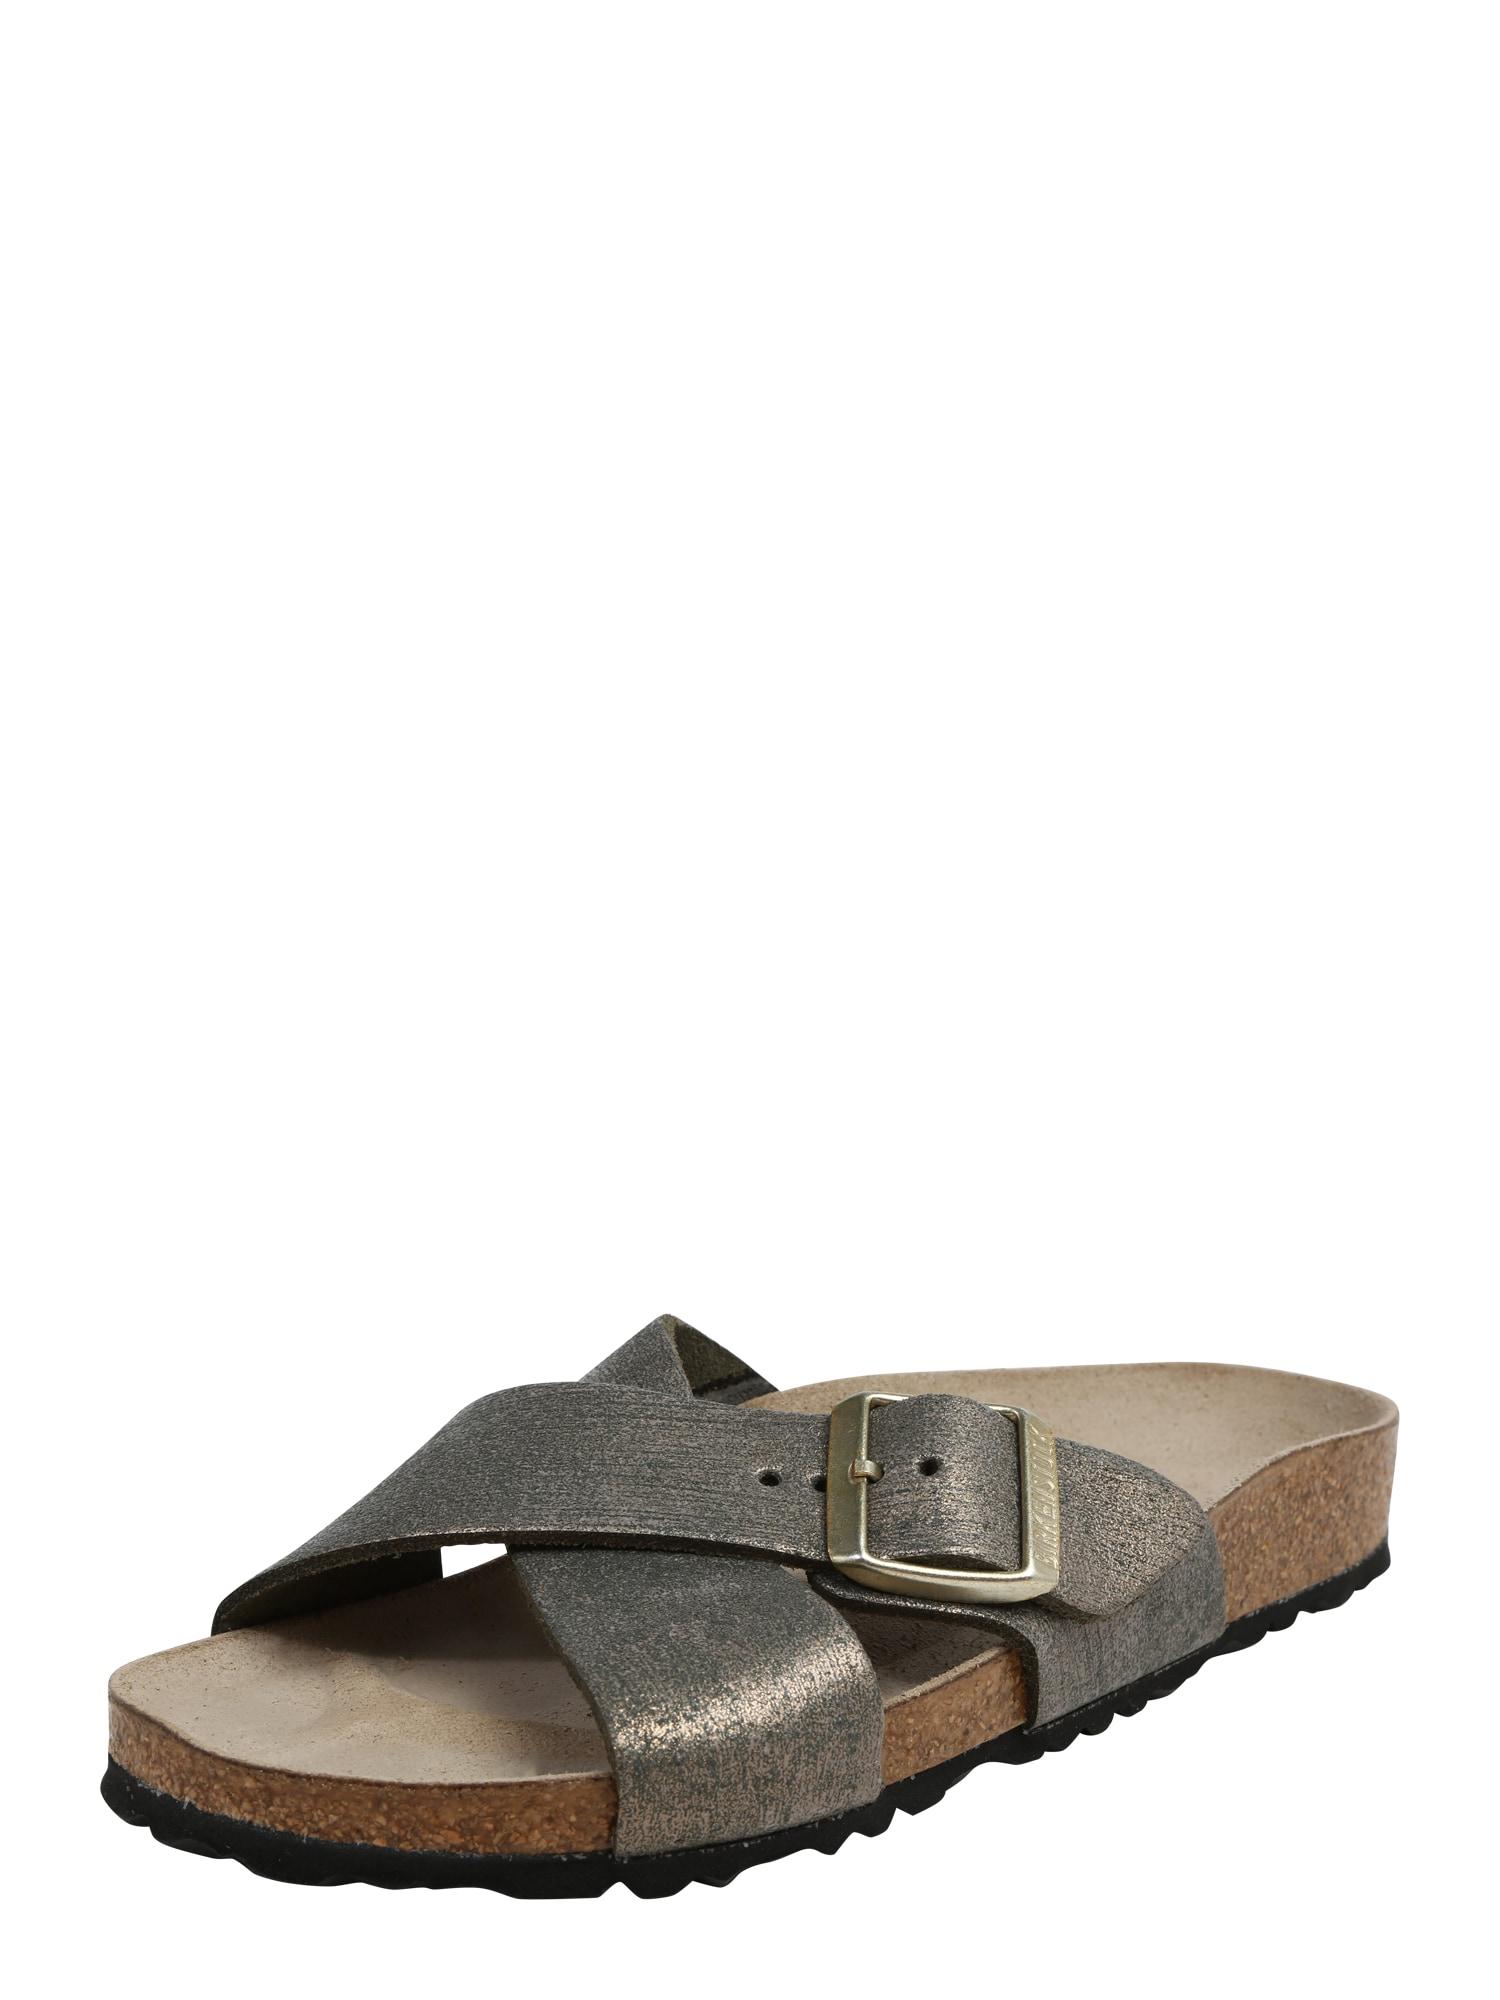 Pantofle Siena Sliced Metallic zlatá kámen BIRKENSTOCK